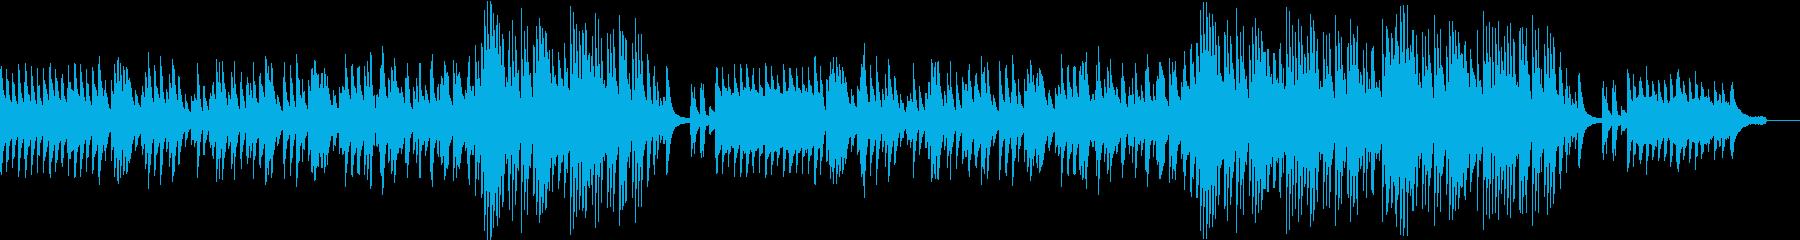 温かく切ない雰囲気 感動系のピアノソロの再生済みの波形